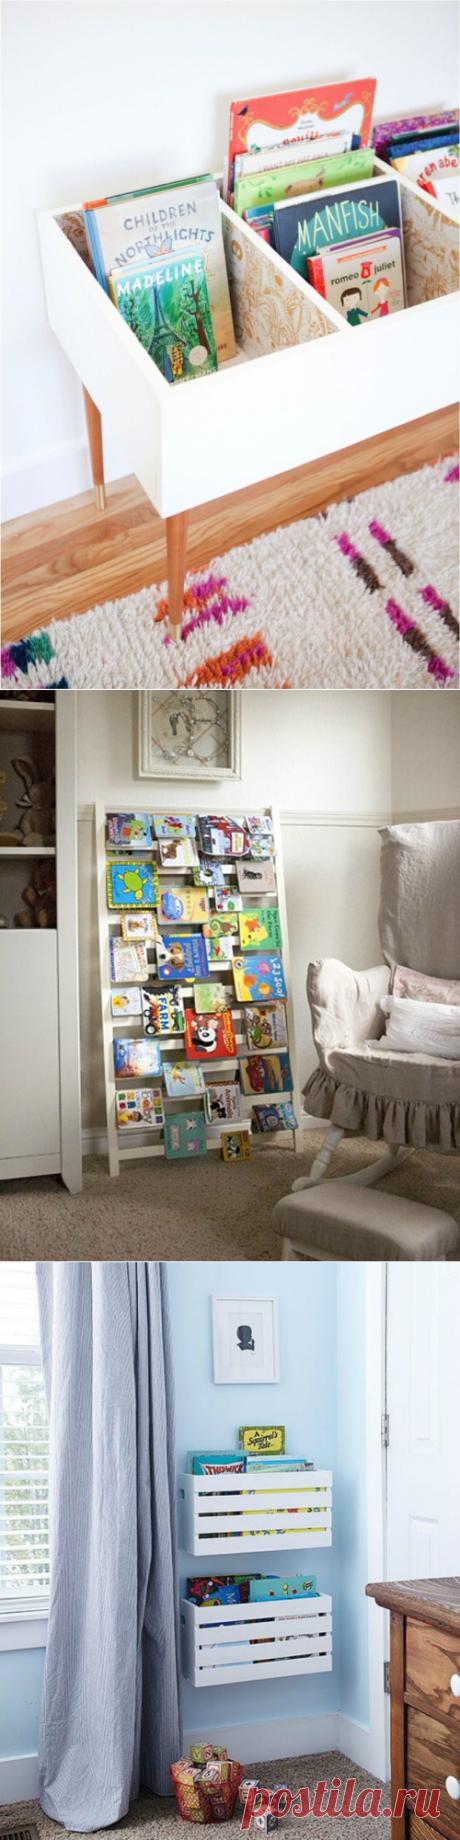 10 ideas del almacenaje de los libros infantiles